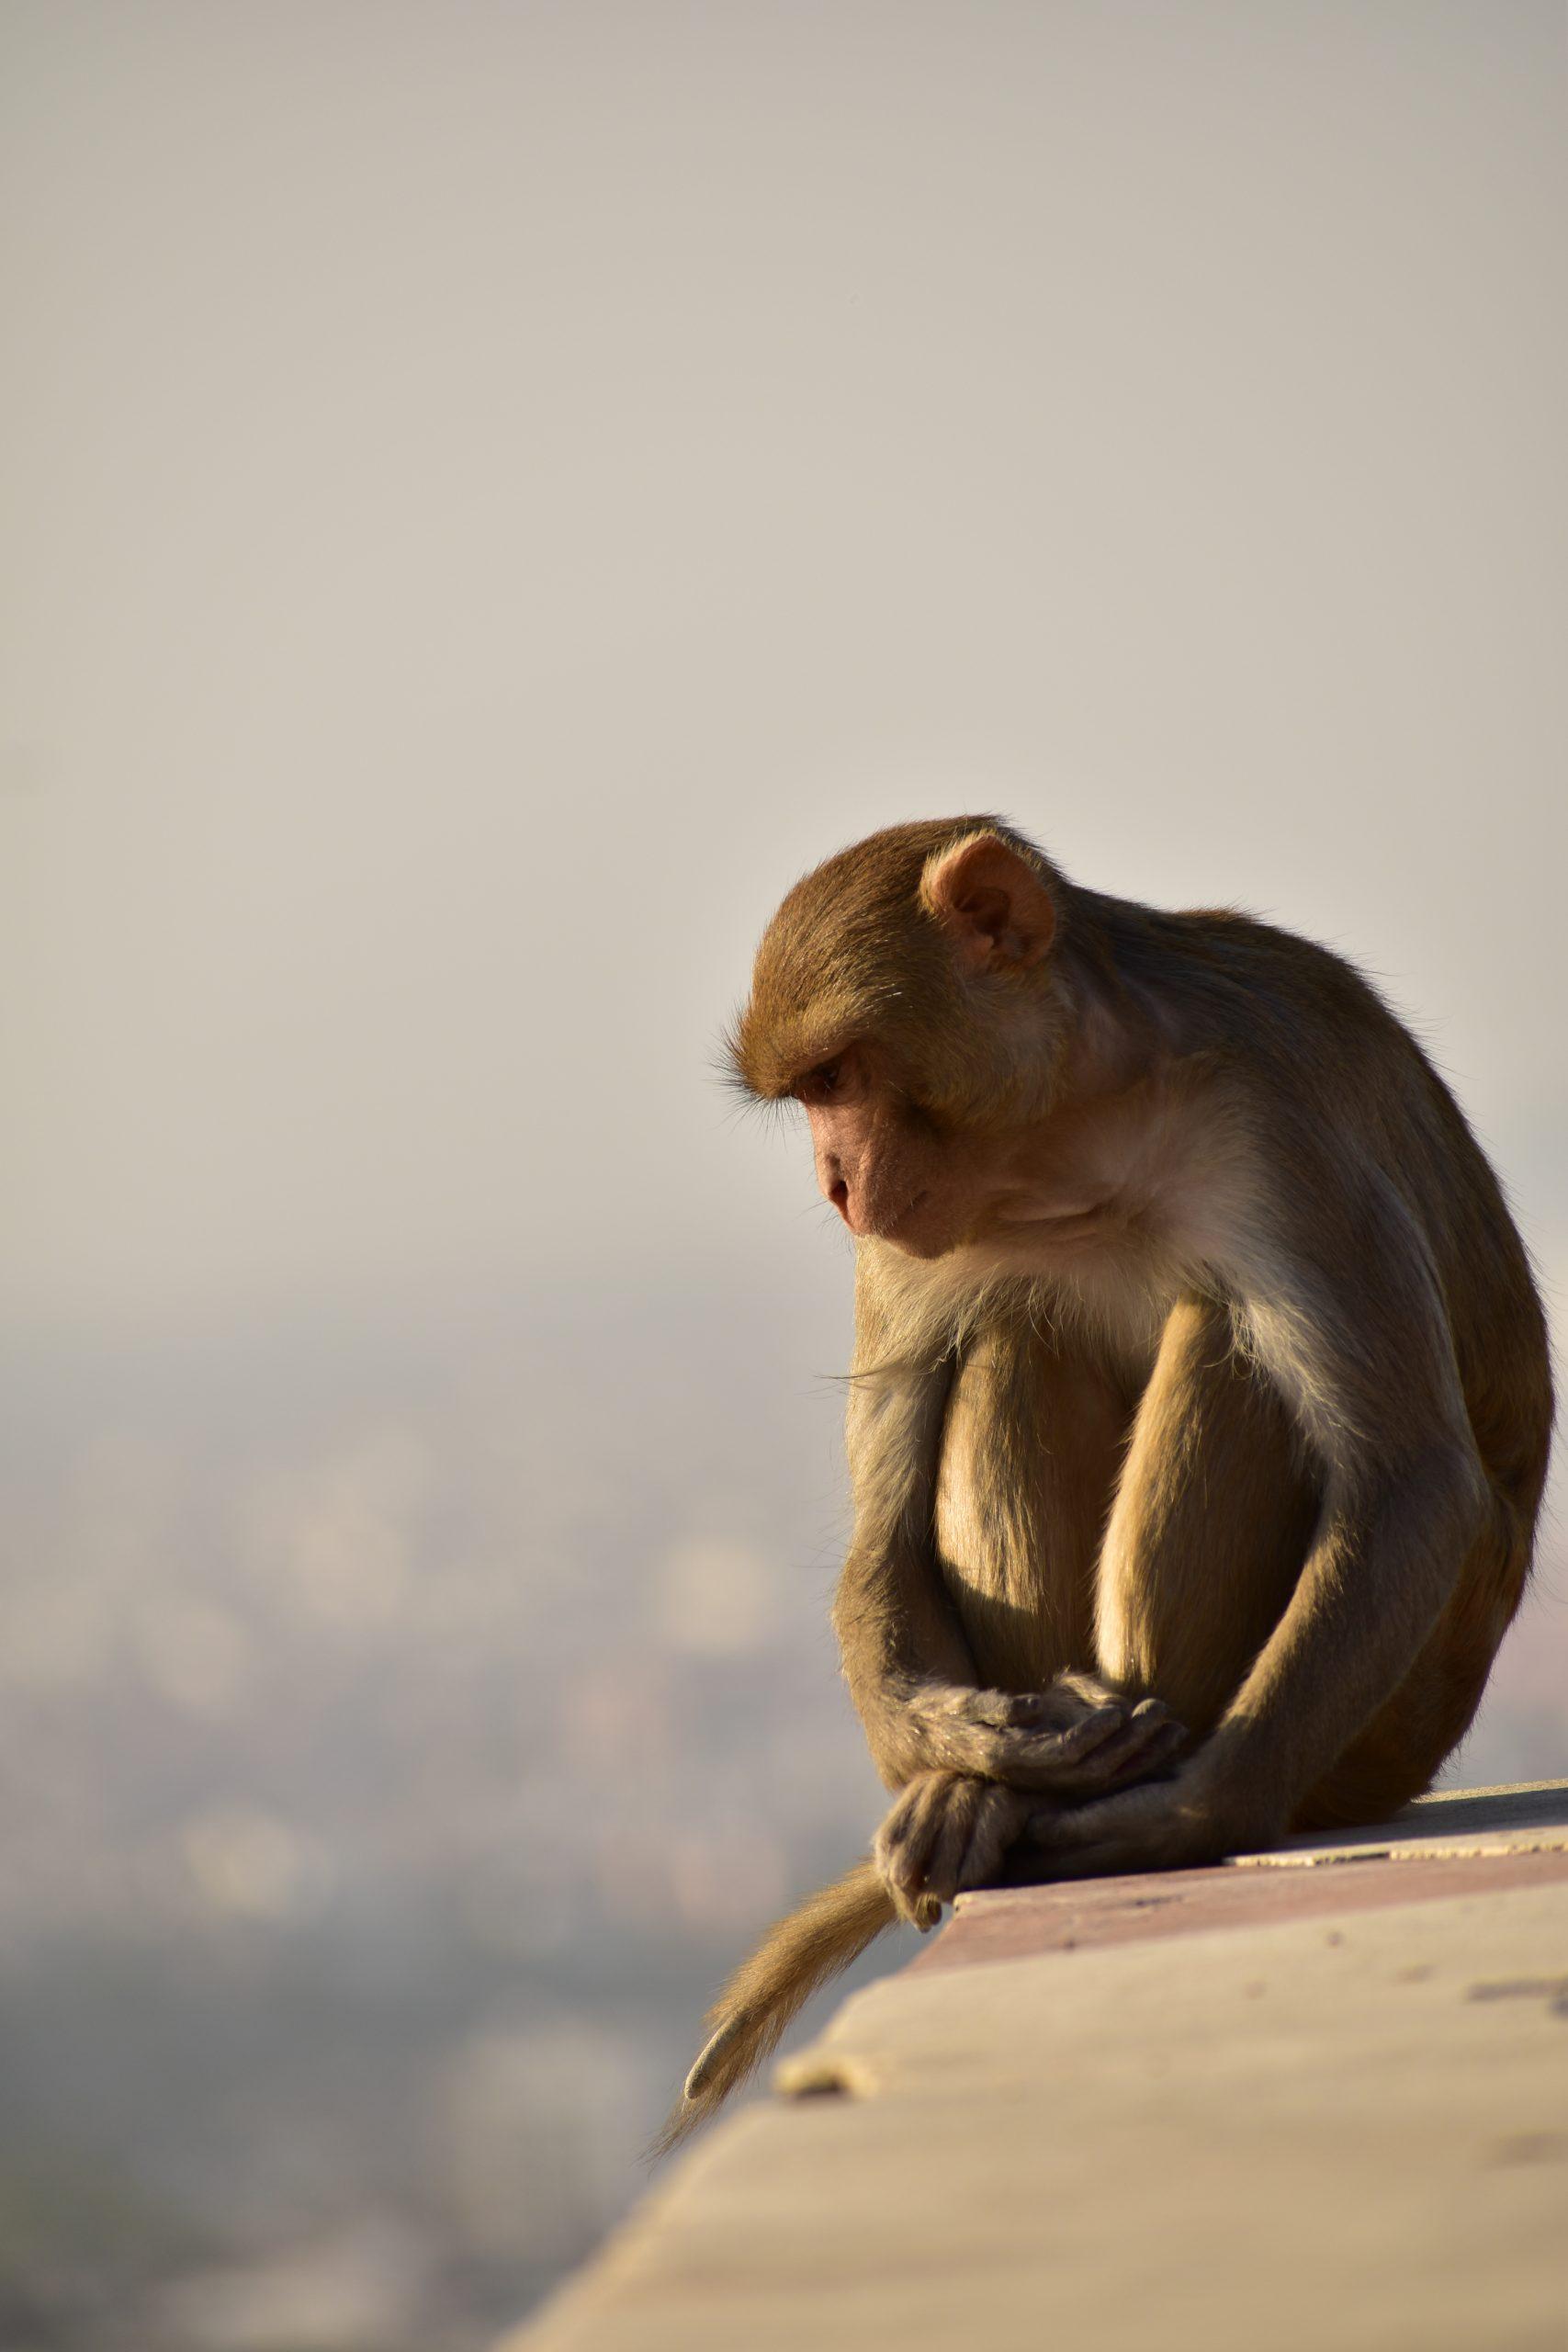 A monkey on a cliff